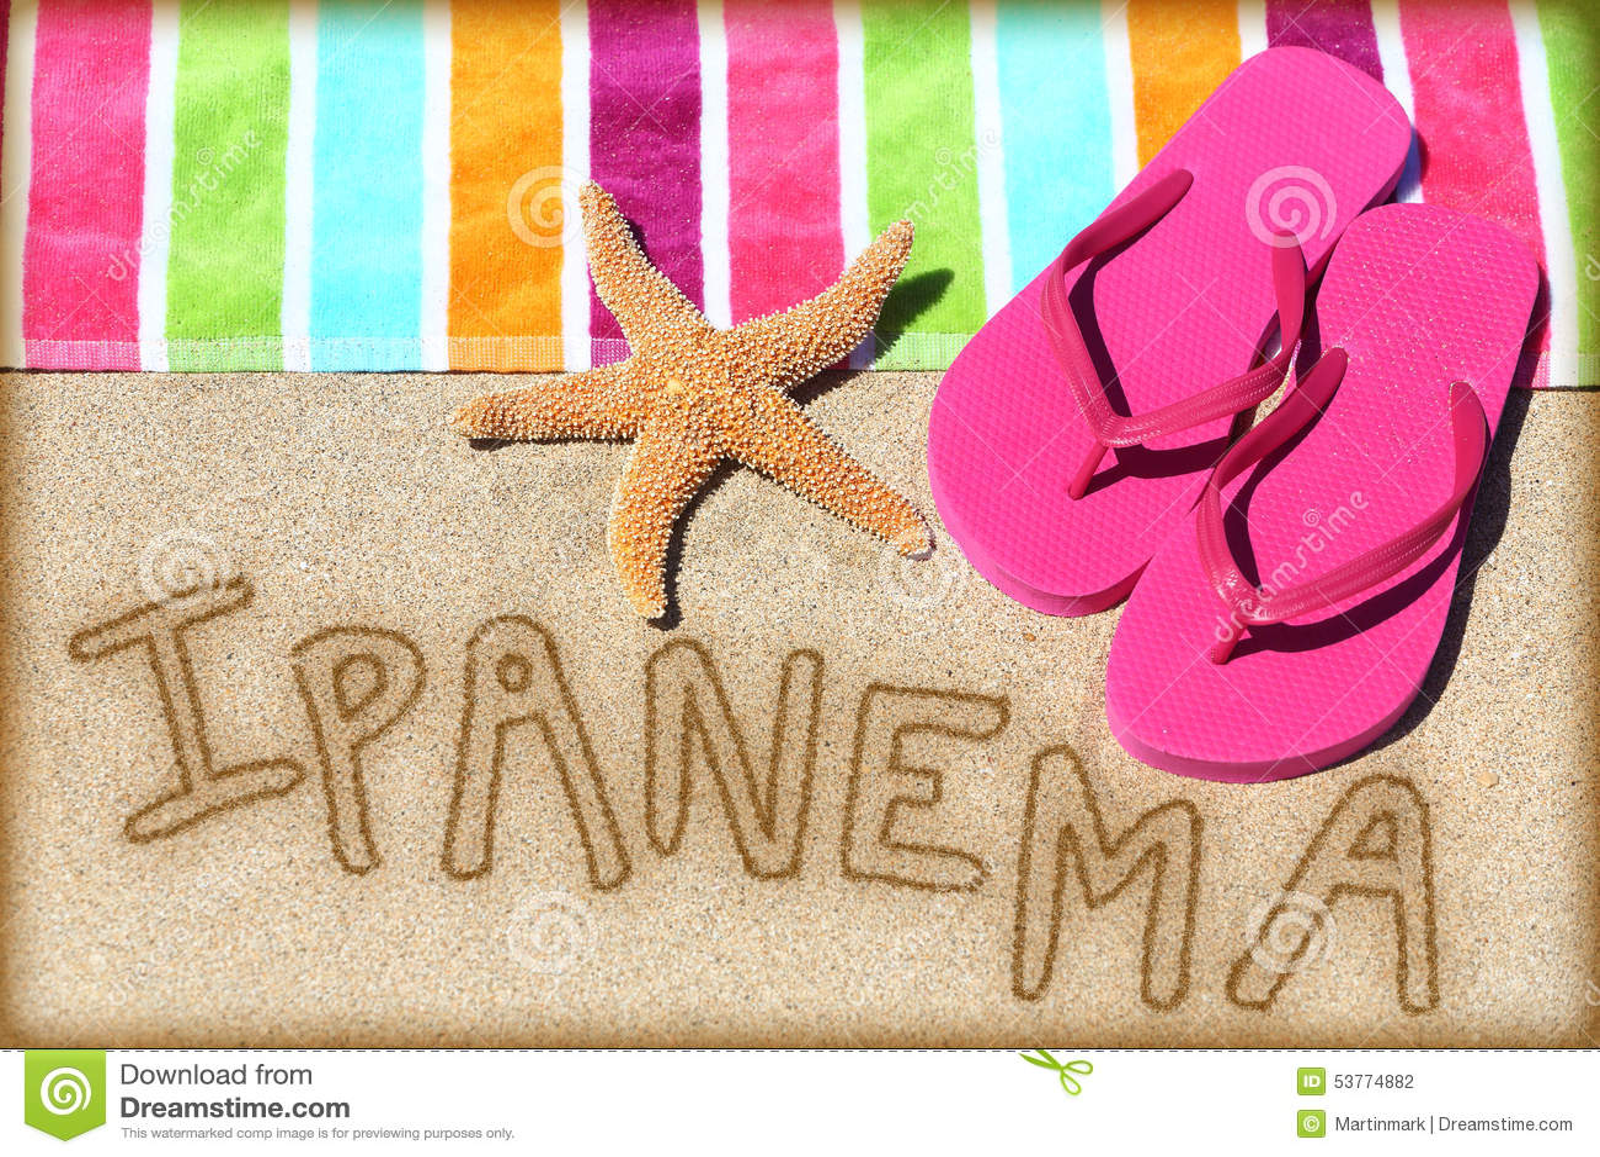 Открытки из отпуска в испании